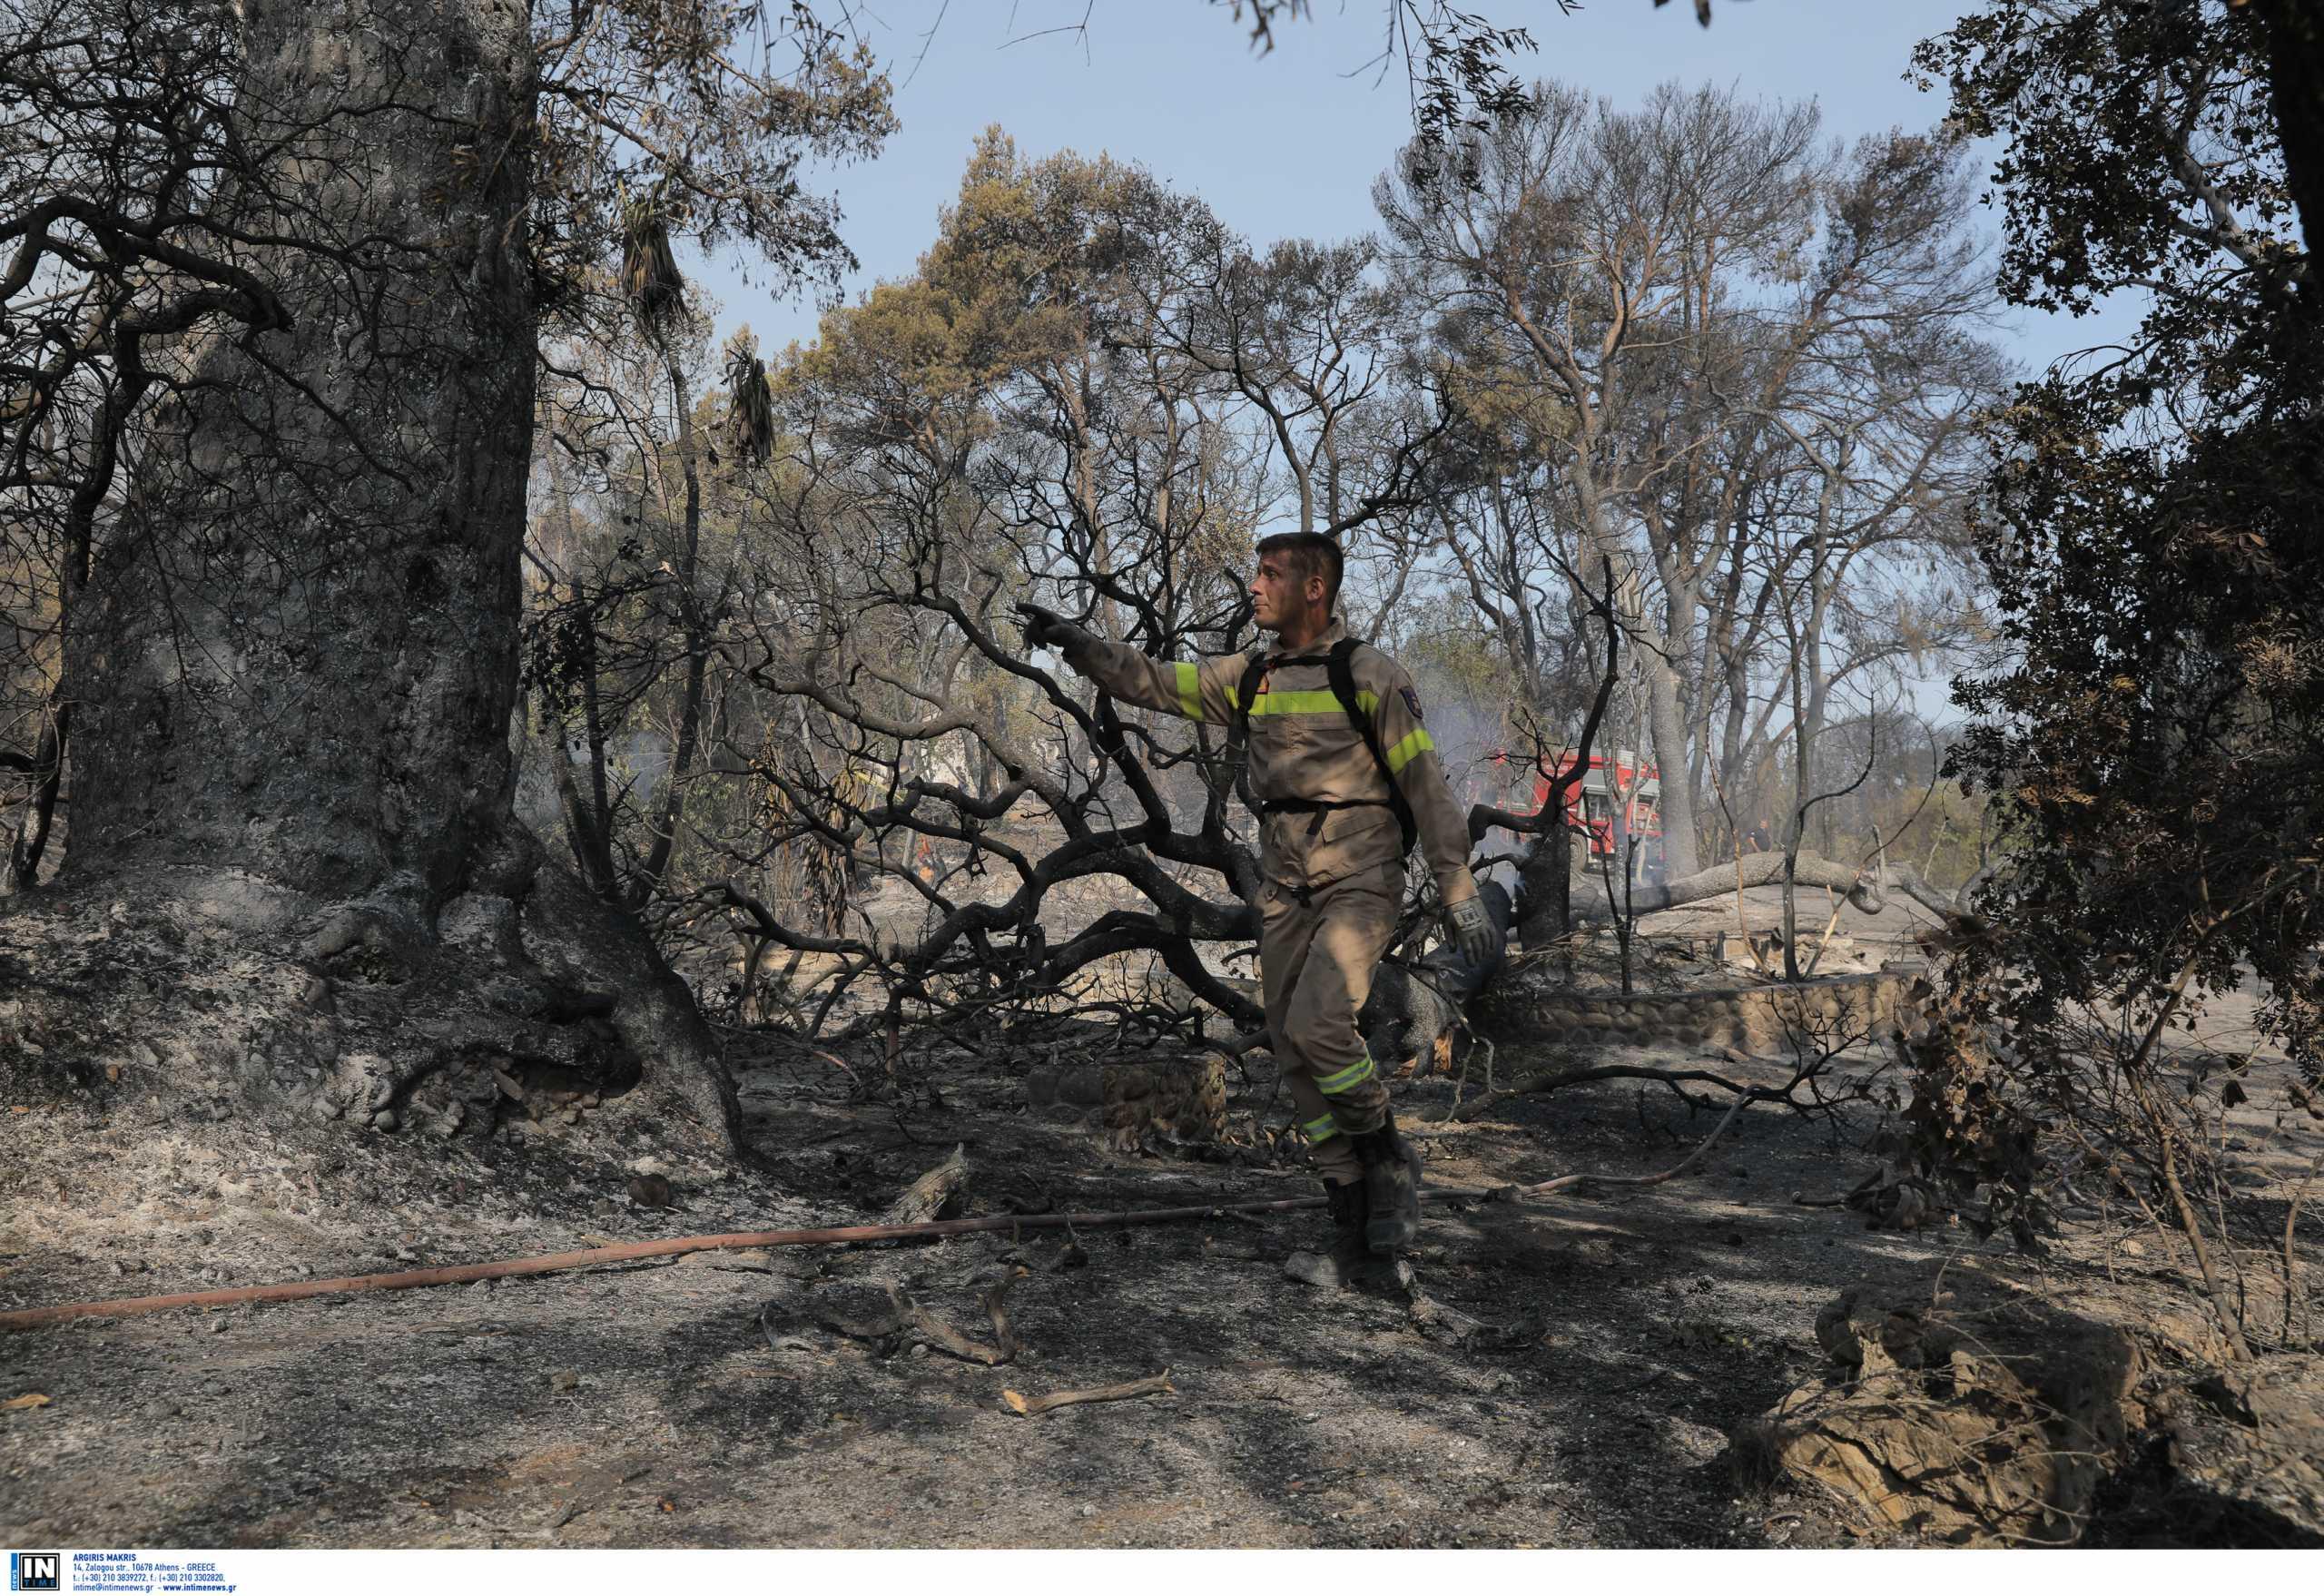 Αχαΐα: Σε κατάσταση έκτακτης ανάγκης οι πυρόπληκτες περιοχές